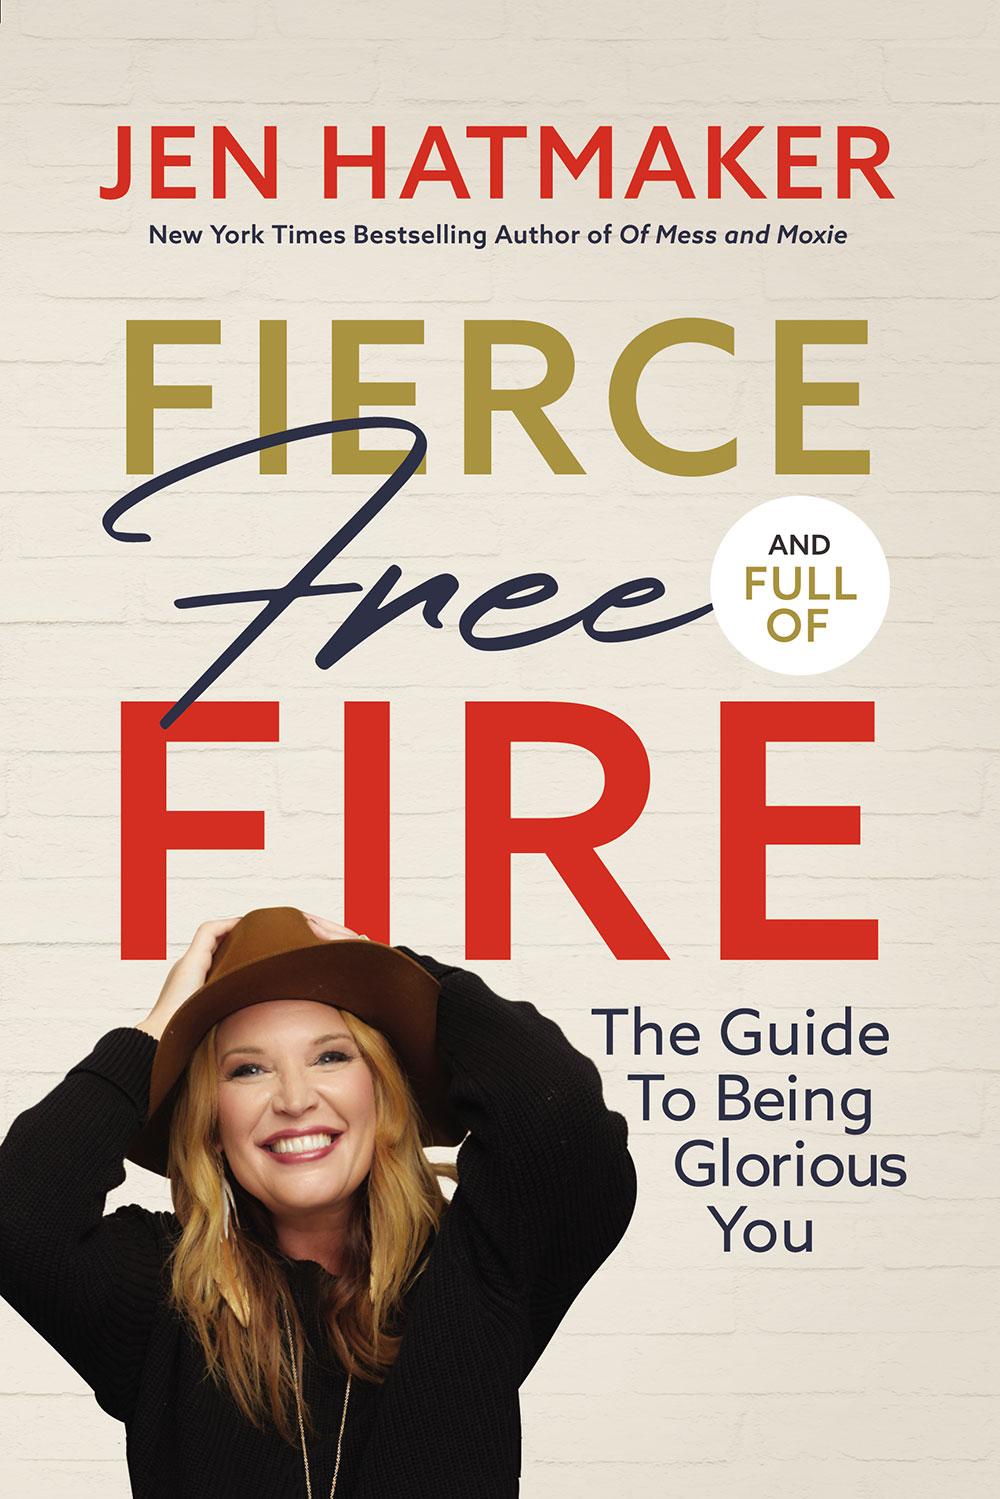 jen hatmaker fierce, free, and full of fire